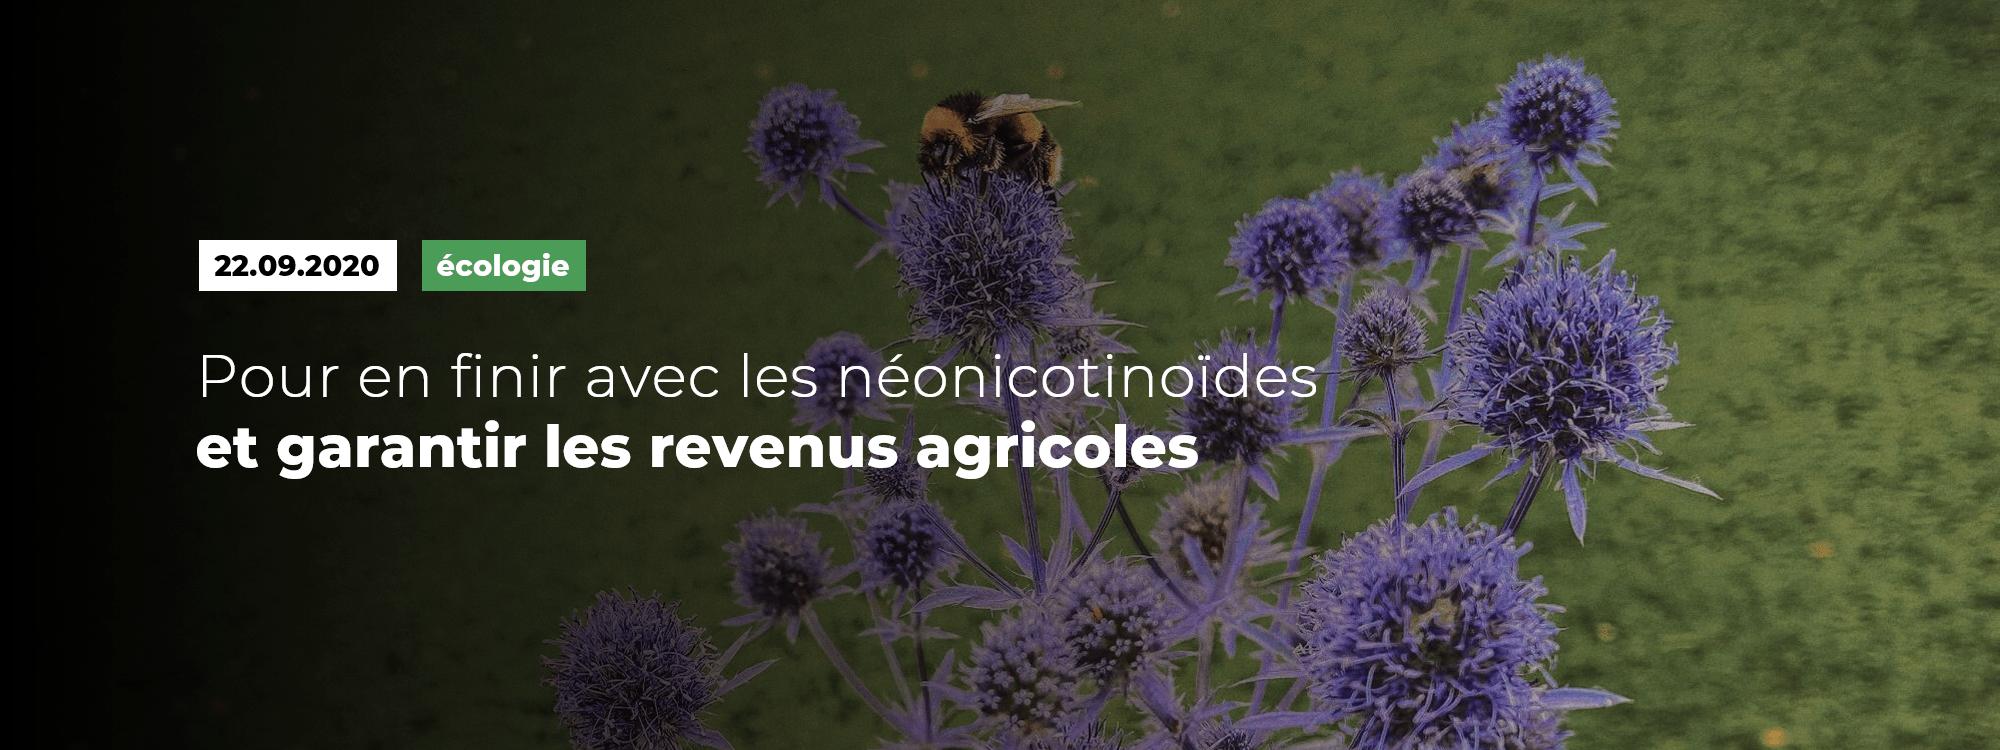 Pour en finir avec les néonicotinoïdes et garantir les revenus agricoles